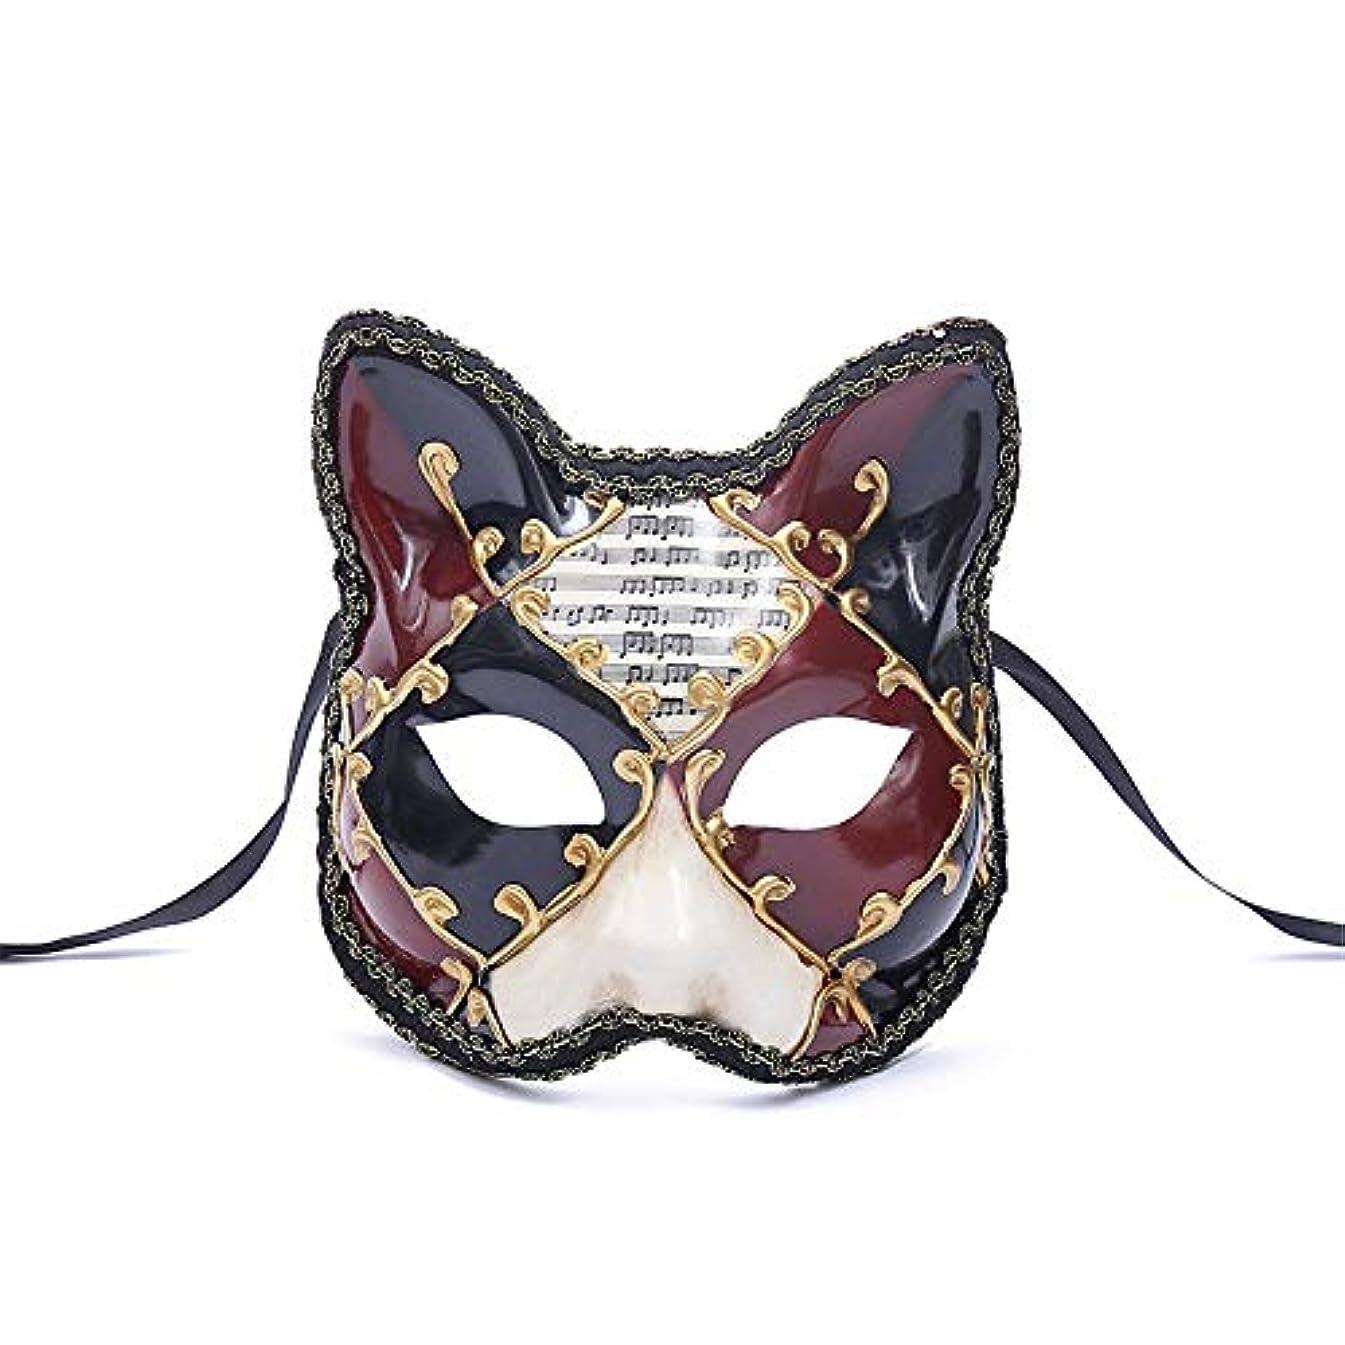 誇張愚か家庭教師ダンスマスク 大きな猫アンティーク動物レトロコスプレハロウィーン仮装マスクナイトクラブマスク雰囲気フェスティバルマスク ホリデーパーティー用品 (色 : 赤, サイズ : 17.5x16cm)